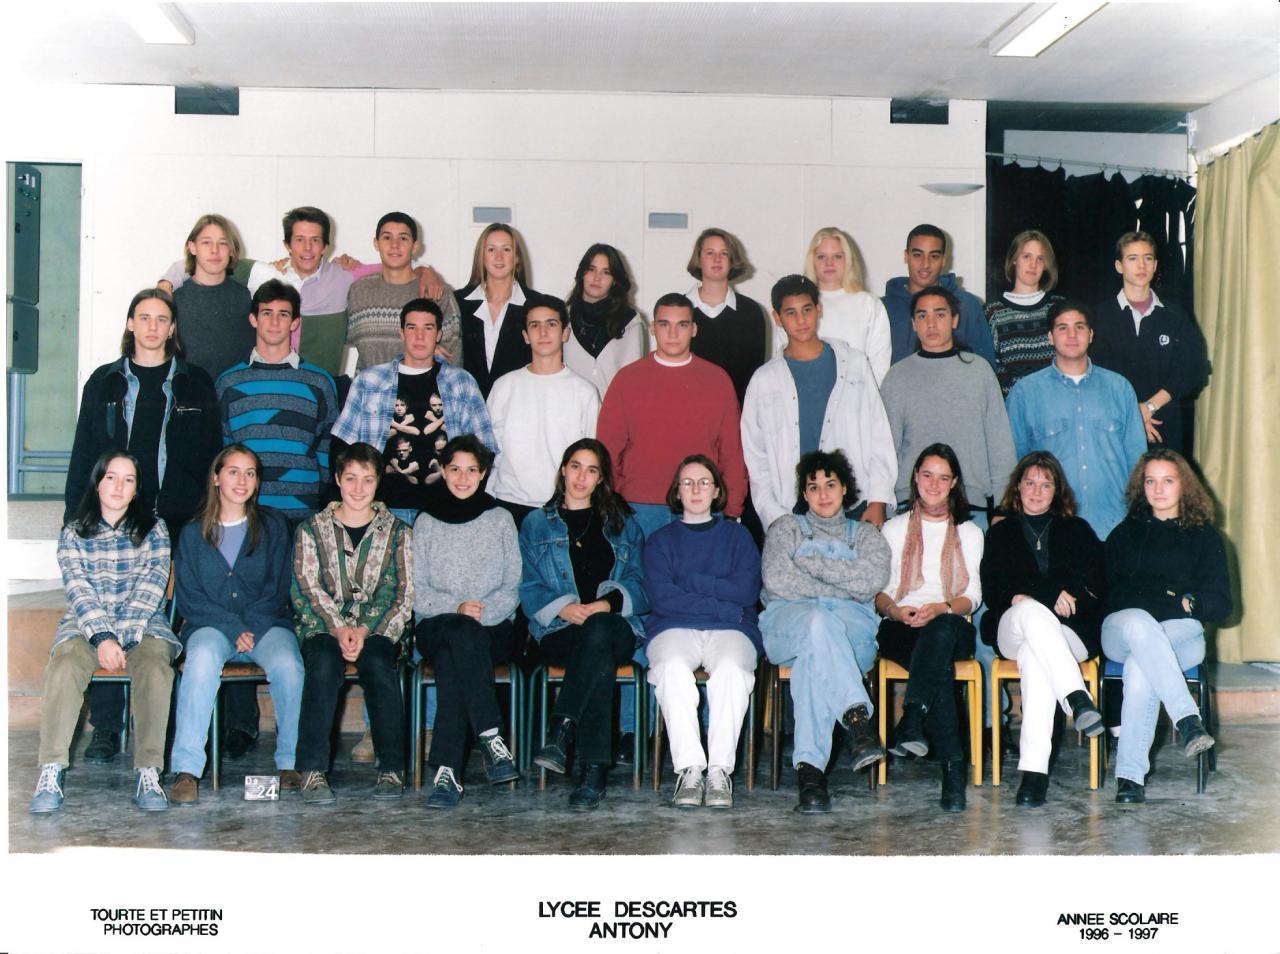 1997 - TS2 - TOURTE